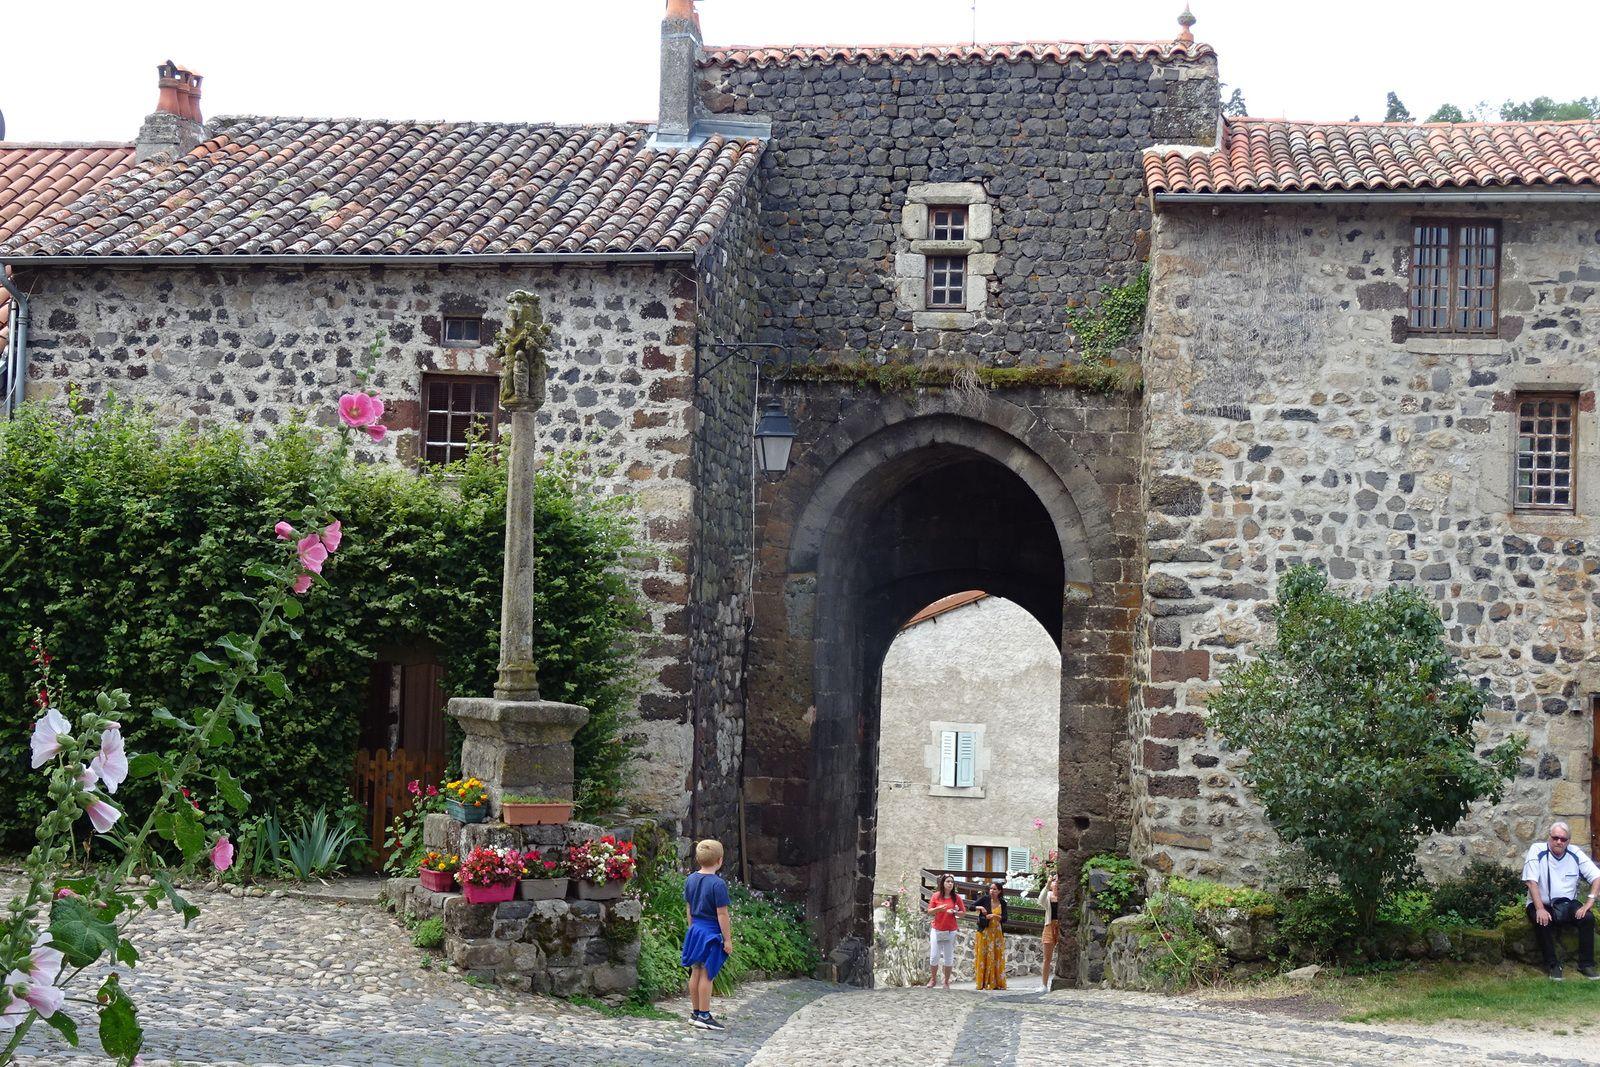 Les portes d'Arlempdes. On fait un tour dans ce beau village jusqu'au château en ruines.